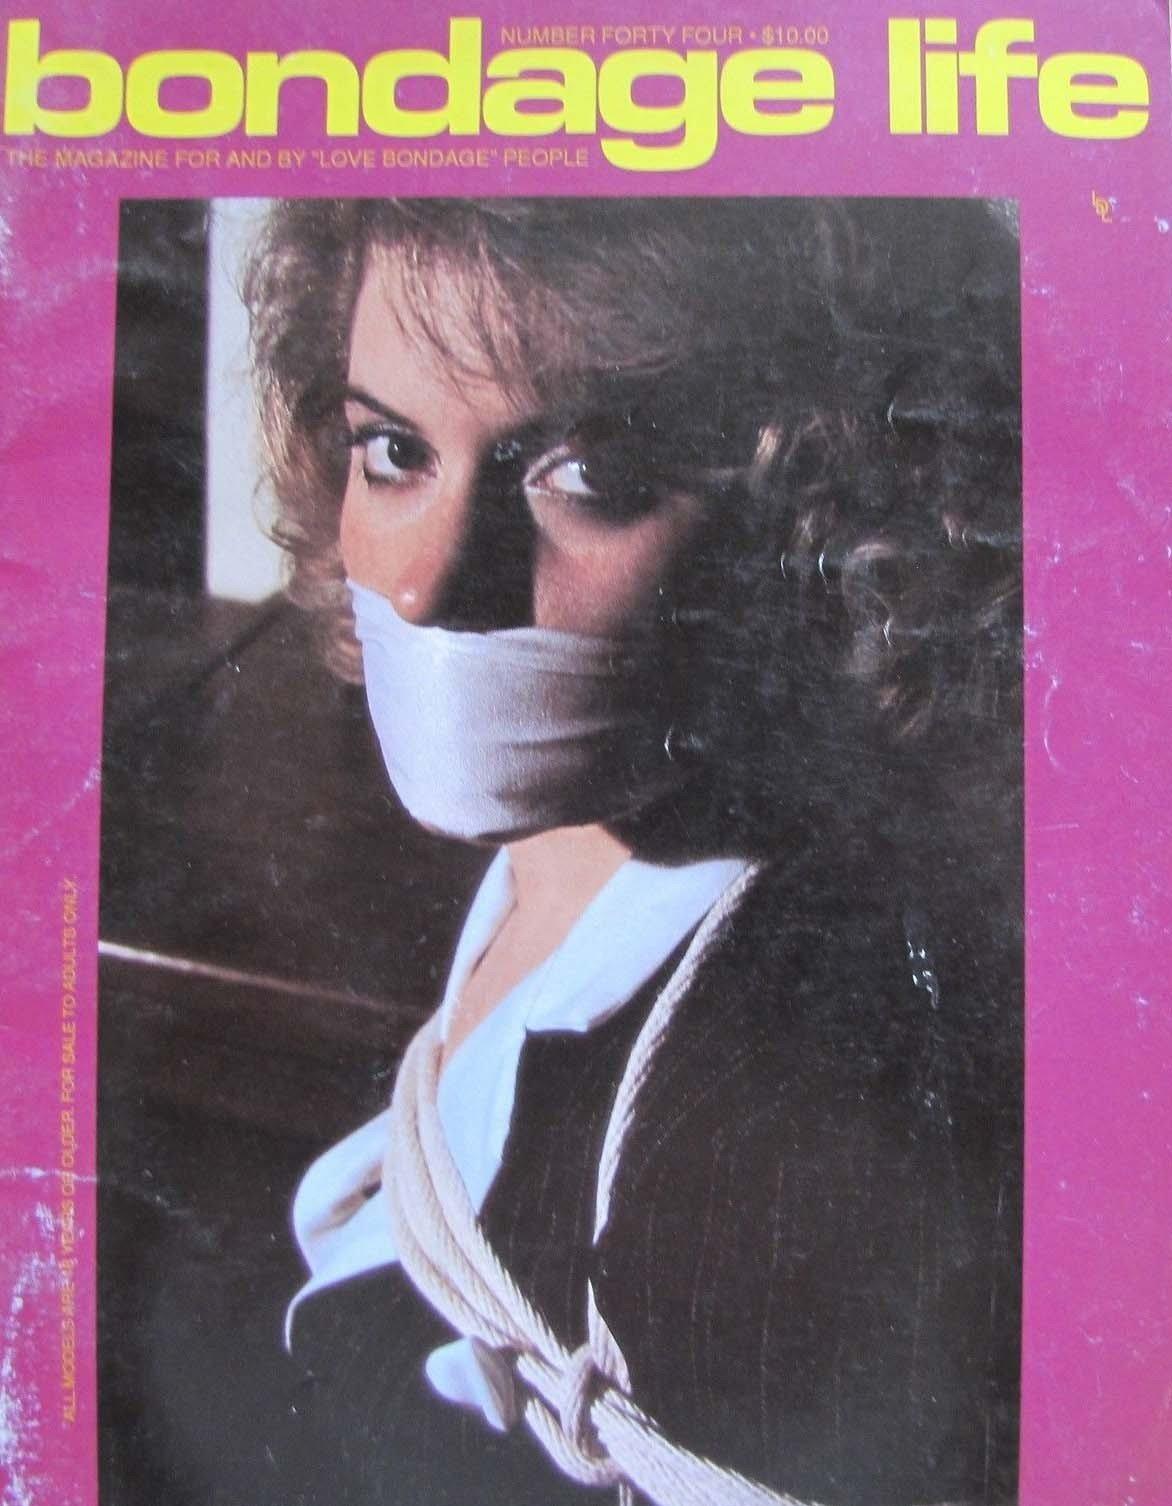 Bondage Life # 44 magazine back issue